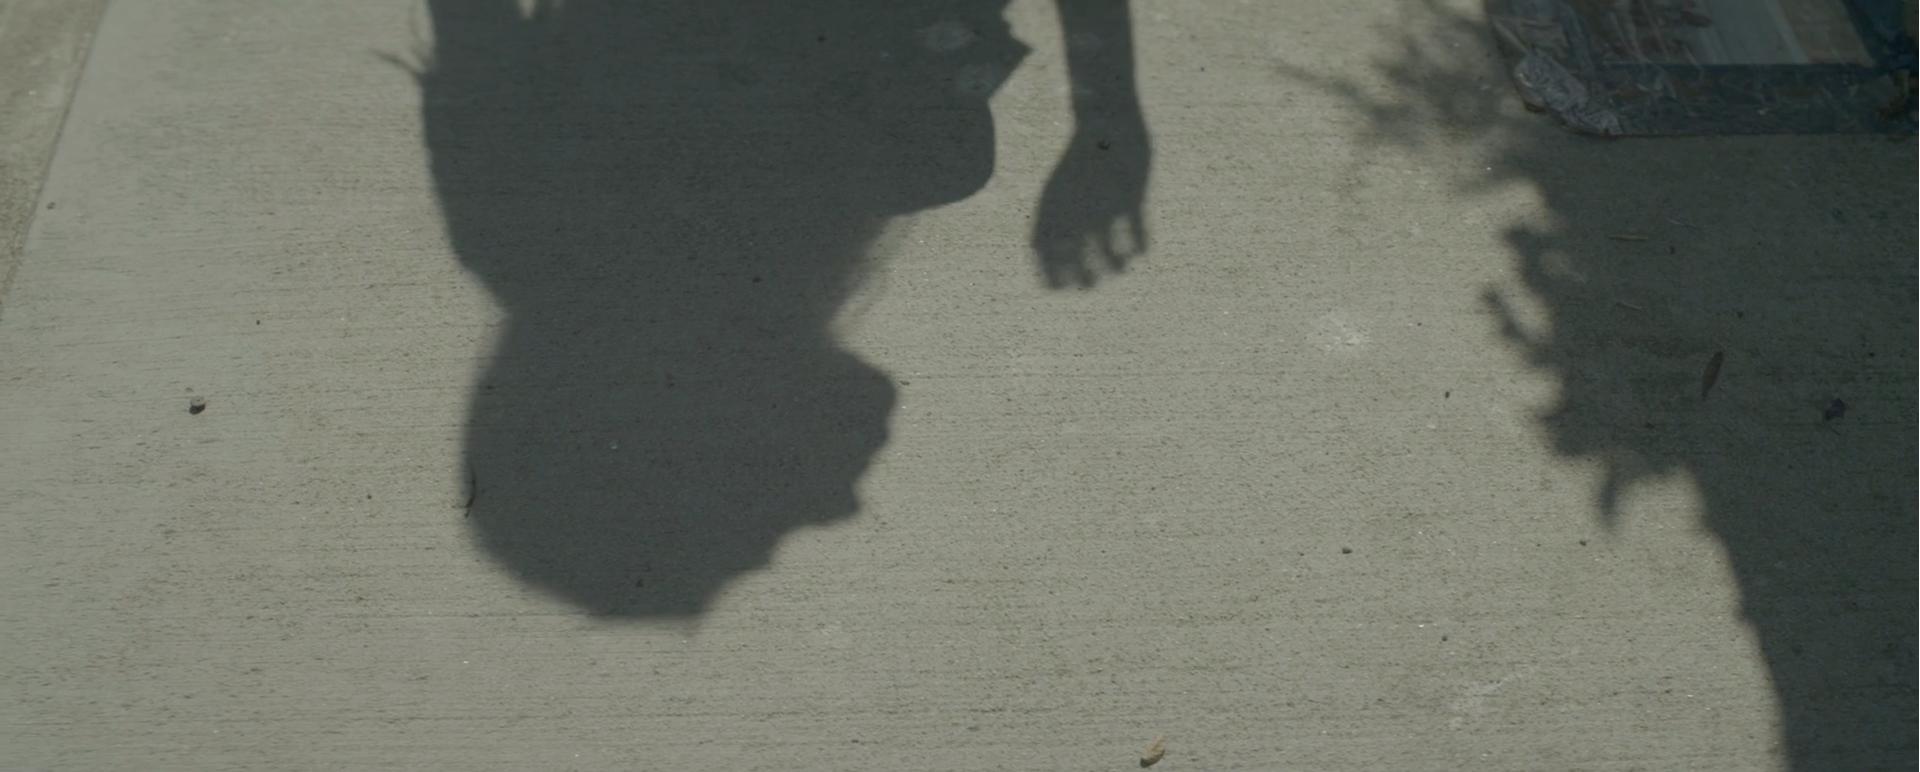 Screen Shot 2014-10-28 at 10.01.09 AM.png